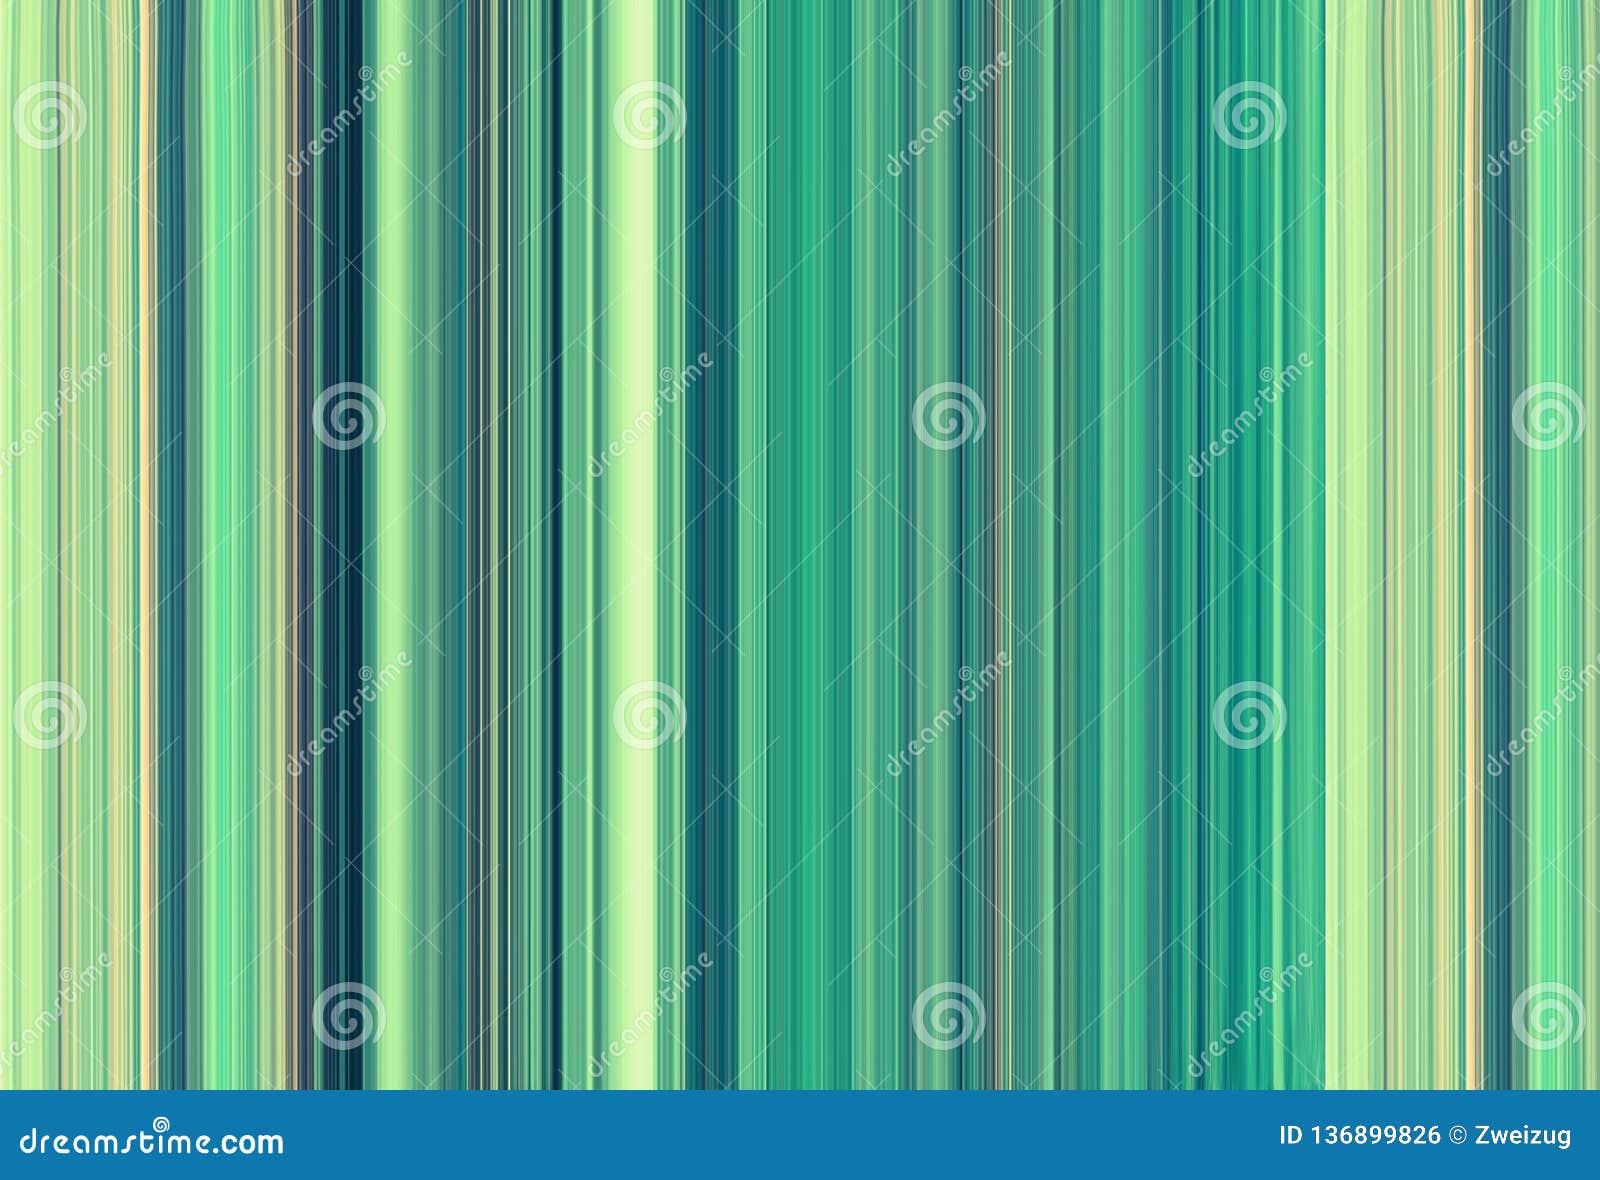 Fondo verde binario de la textura de la dimensión del código del estante para libros interestelar